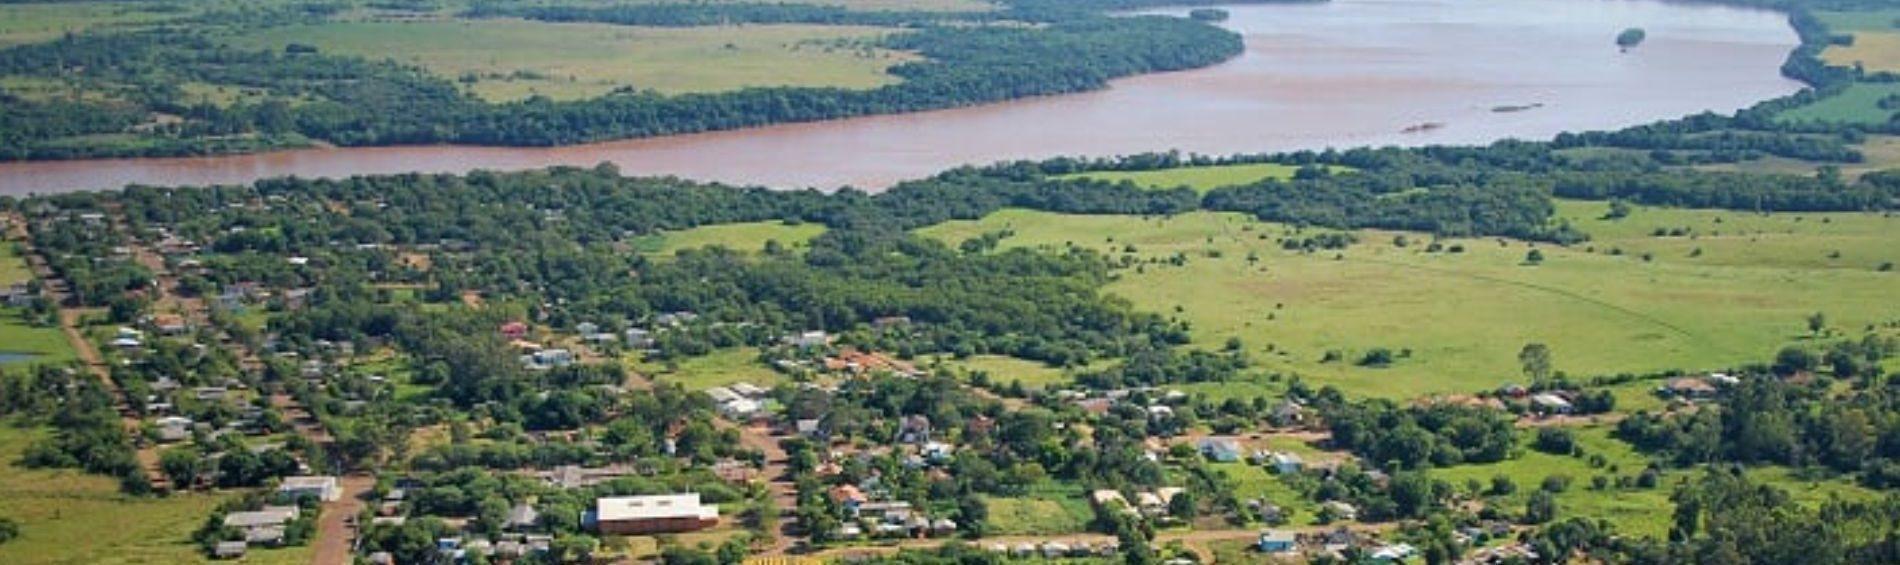 Fonte: www.correiodopovo.com.br